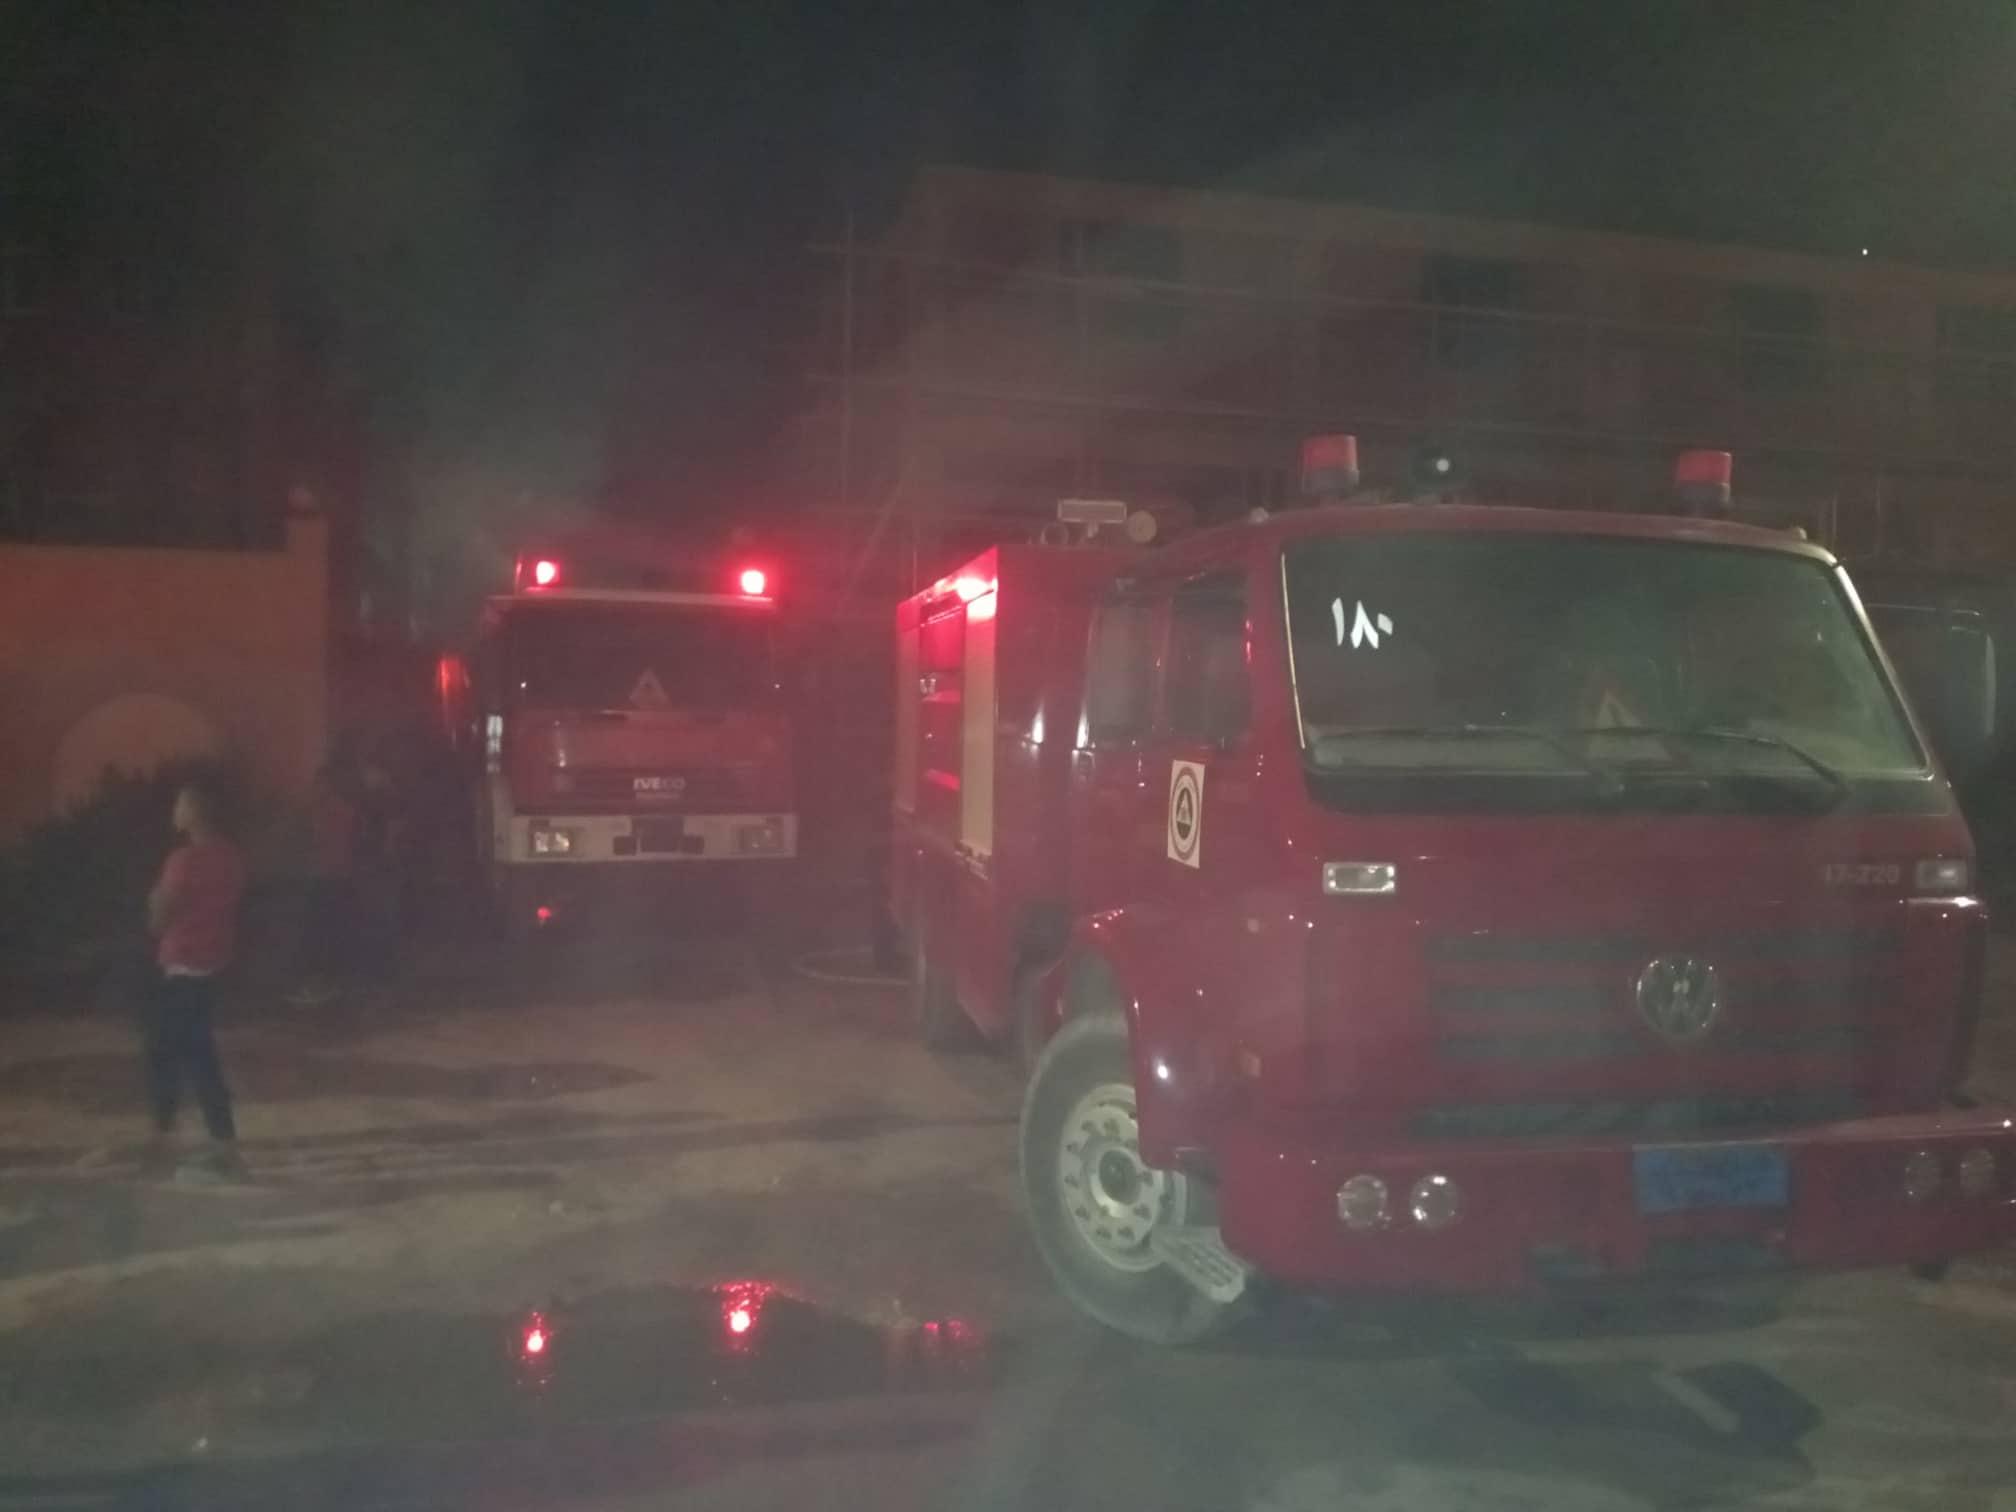 12 سيارة إطفاء للسيطرة على حريق بمصنع أدوات كهربائية بالعاشر من رمضان (6)